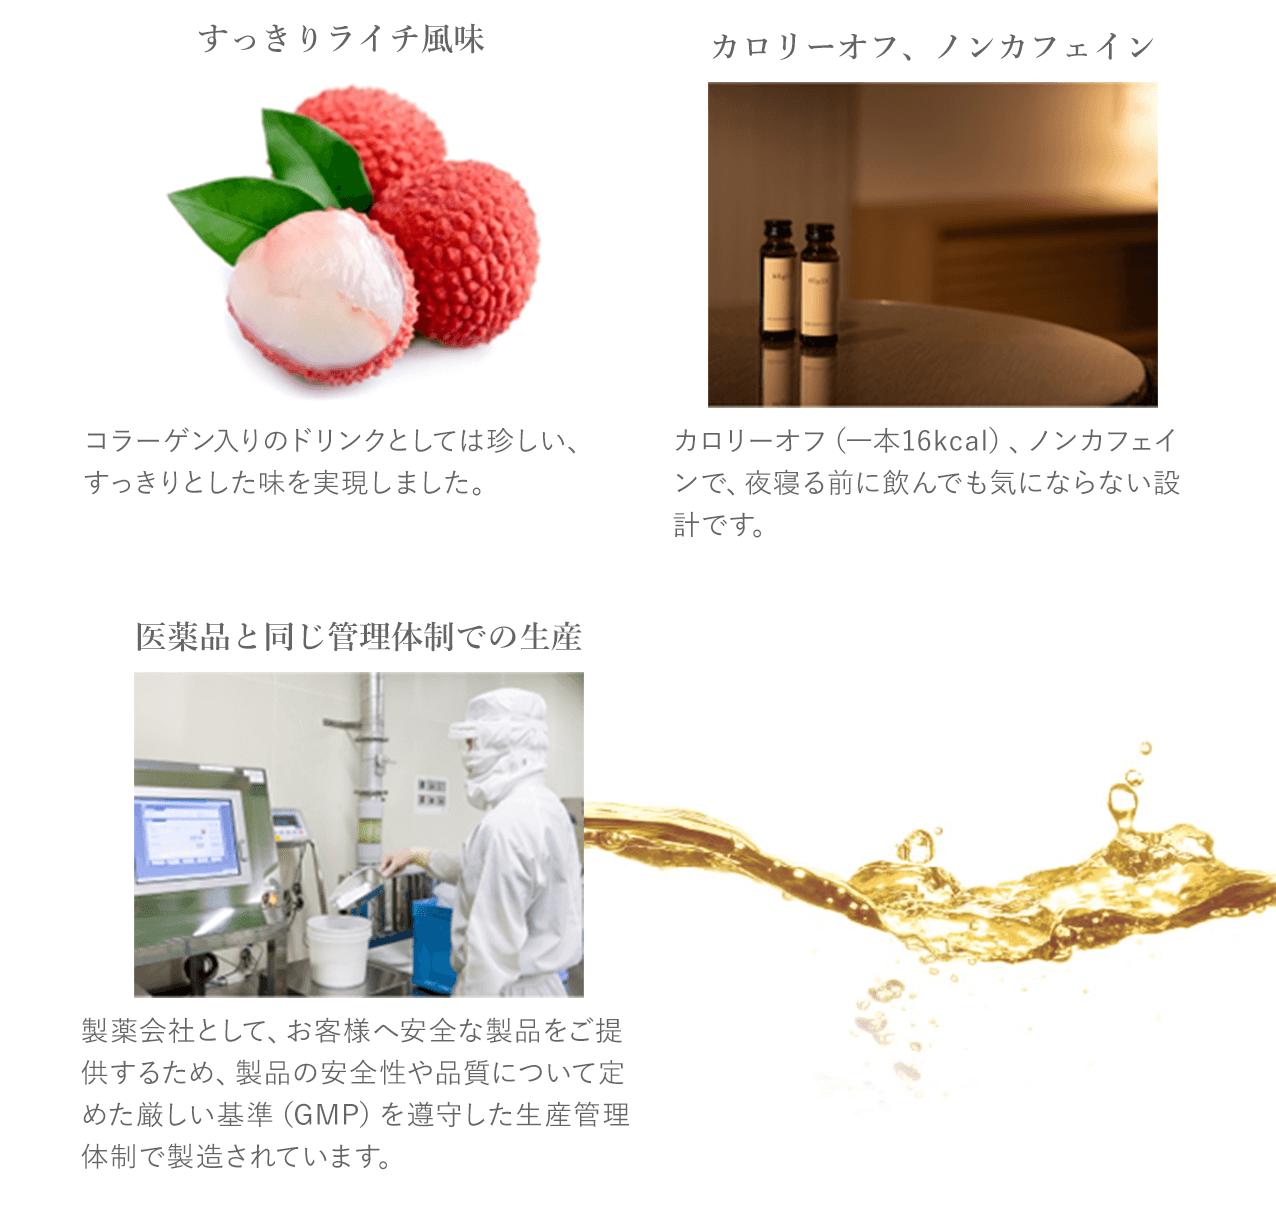 すっきりライチ風味 コラーゲン入りのドリンクとしては珍しい、すっきりとした味を実現しました。 カロリーオフ、ノンカフェイン カロリーオフ(一本16kcal)、ノンカフェインで、夜寝る前に飲んでも気にならない設計です。 医薬品と同じ管理体制での生産 製薬会社として、お客様へ安全な製品をご提供するため、製品の安全性や品質について定めた厳しい基準(GMP)を遵守した生産管理体制で製造されています。